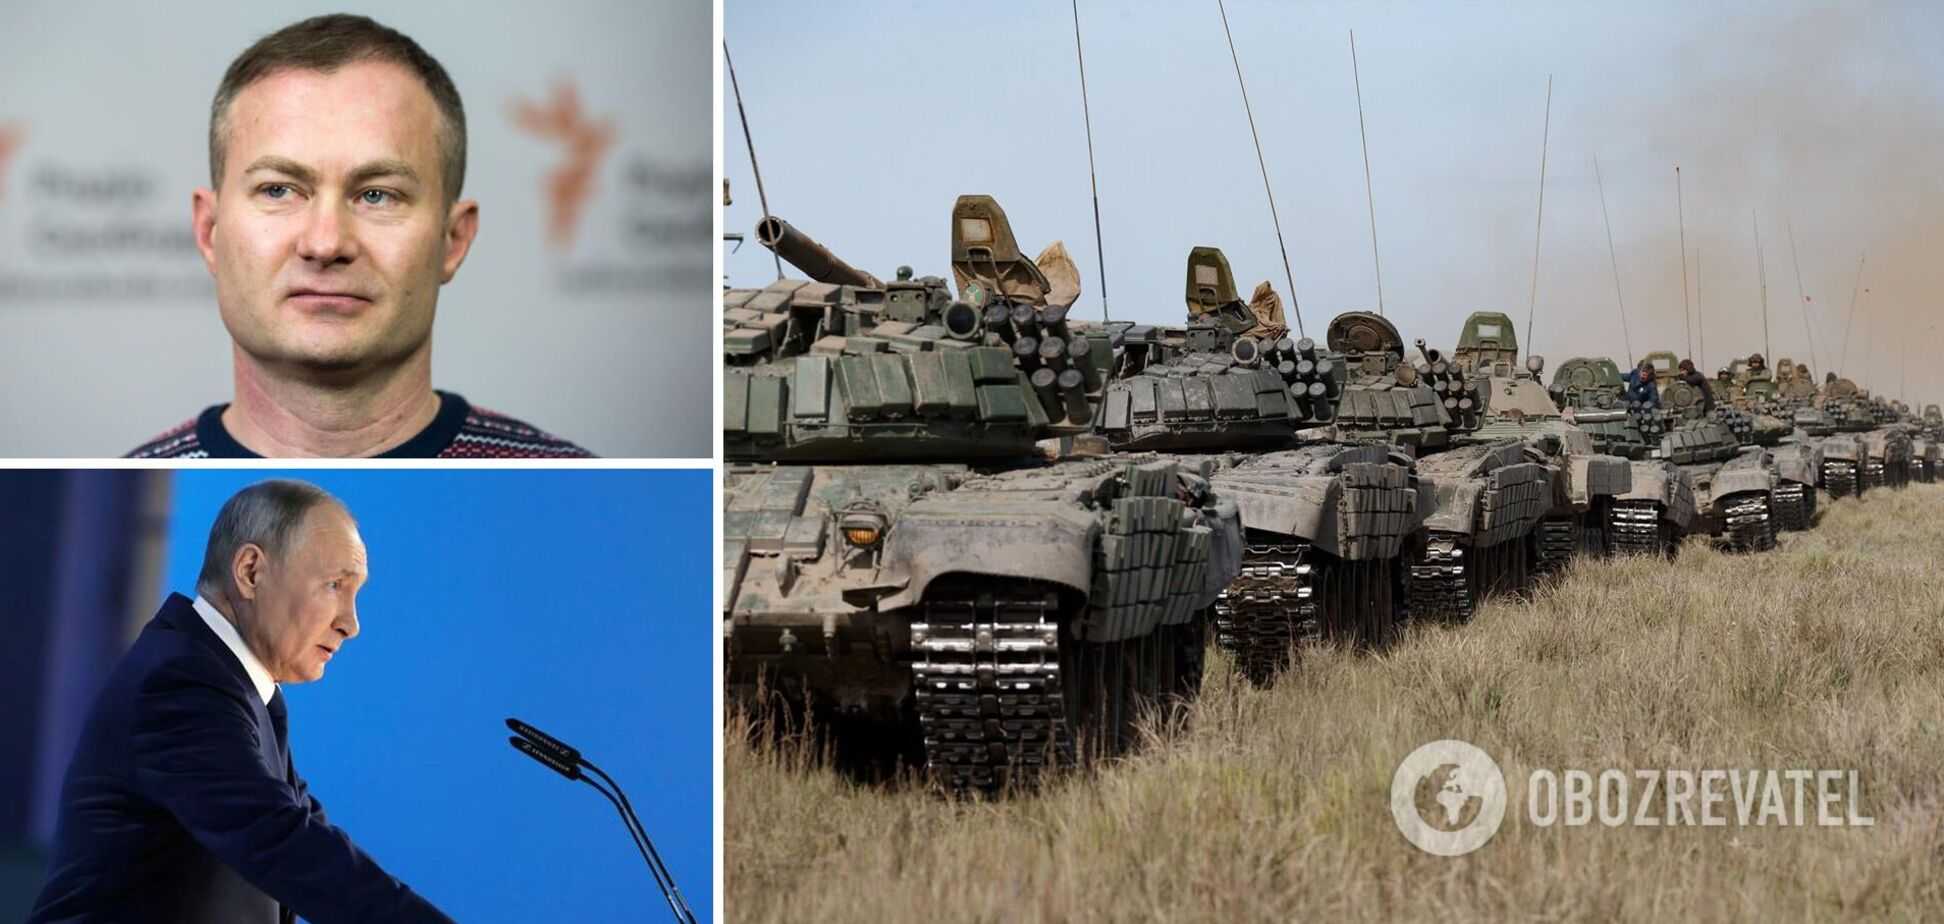 Гармаш: у Кремлі бояться наступу ЗСУ, Путін здувся і змушений відводити війська